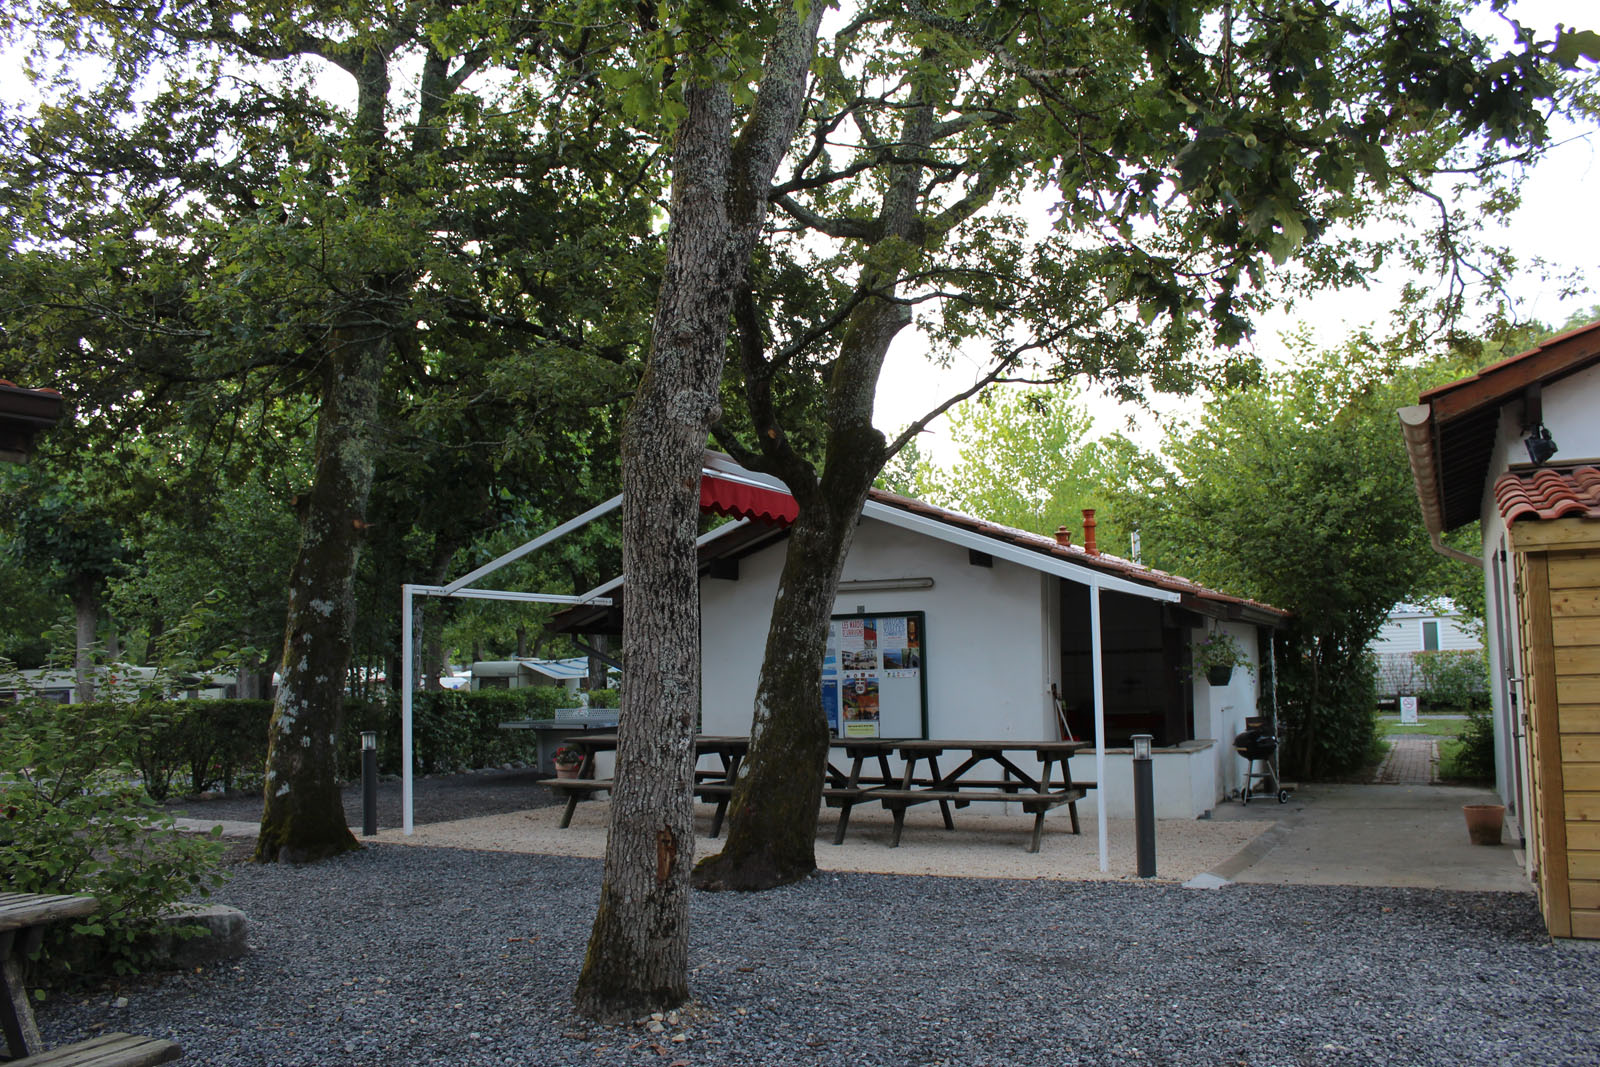 camping-untxin-socoa-terrasse-snack